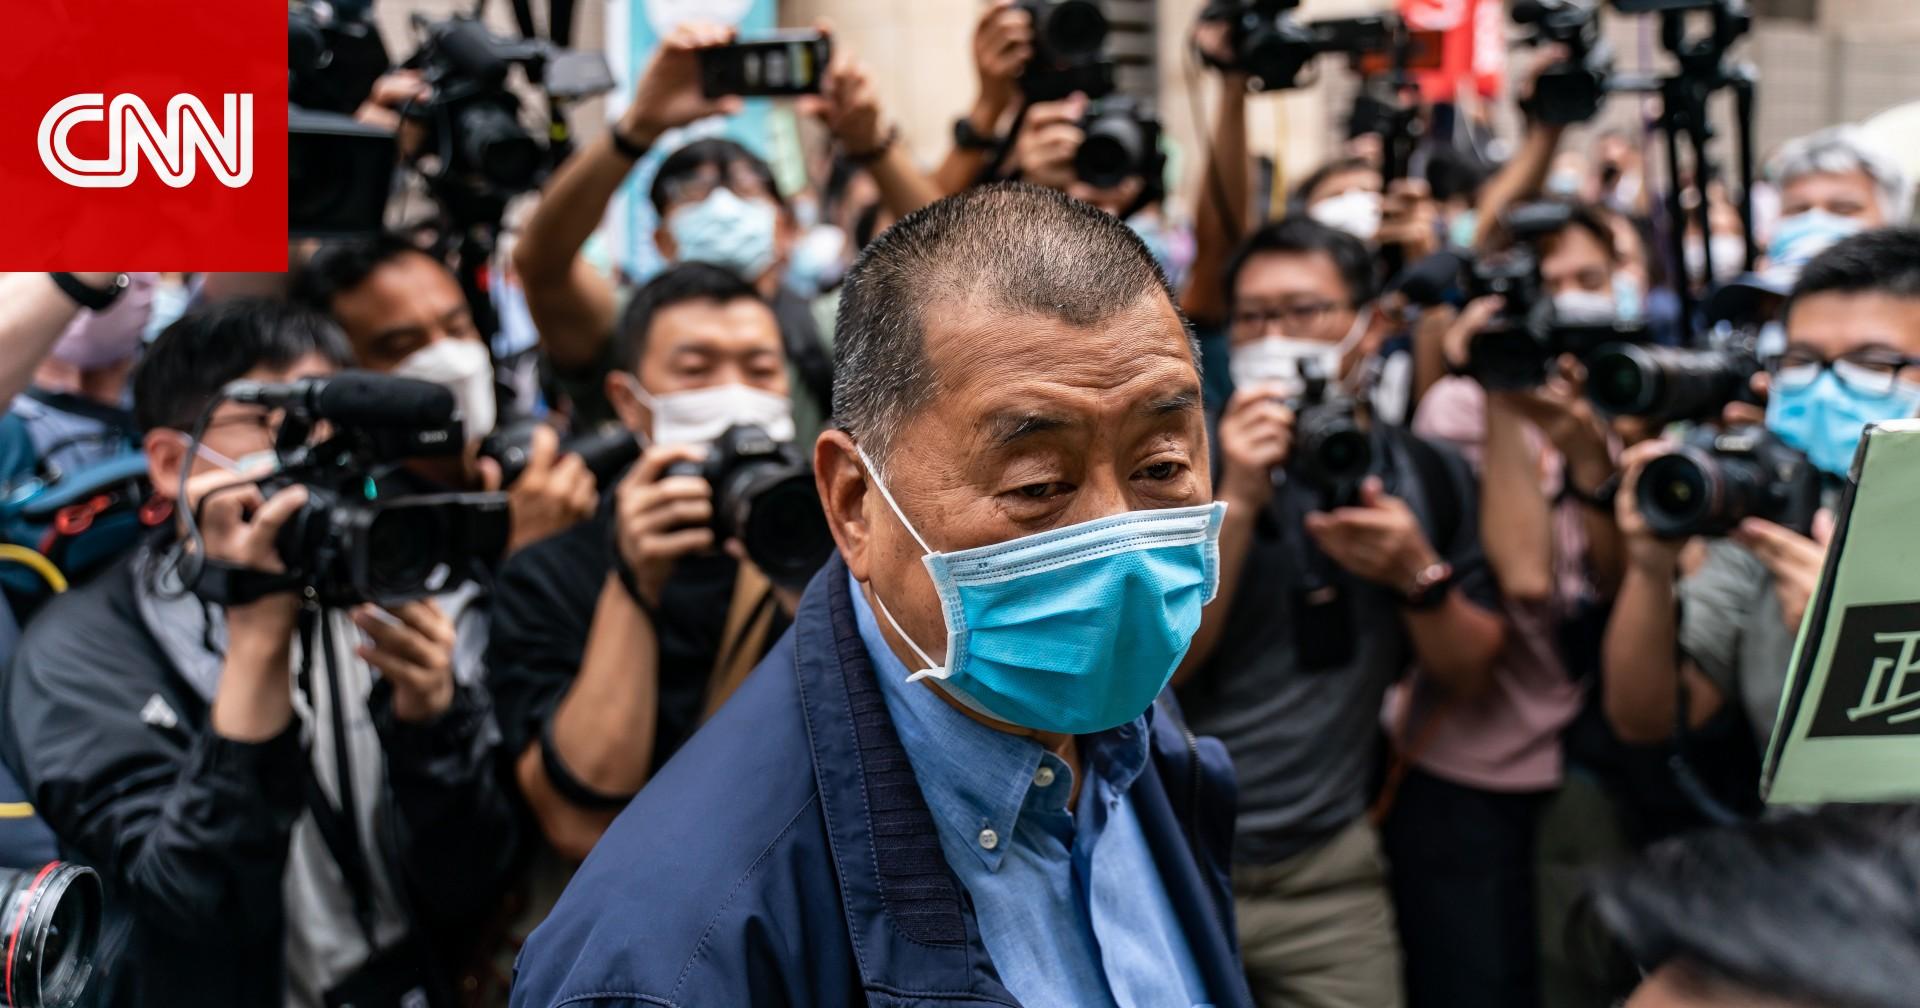 بموجب قانون الأمن القومي ... شرطة هونغ كونغ تعتقل قطب الإعلام جيمي لاي